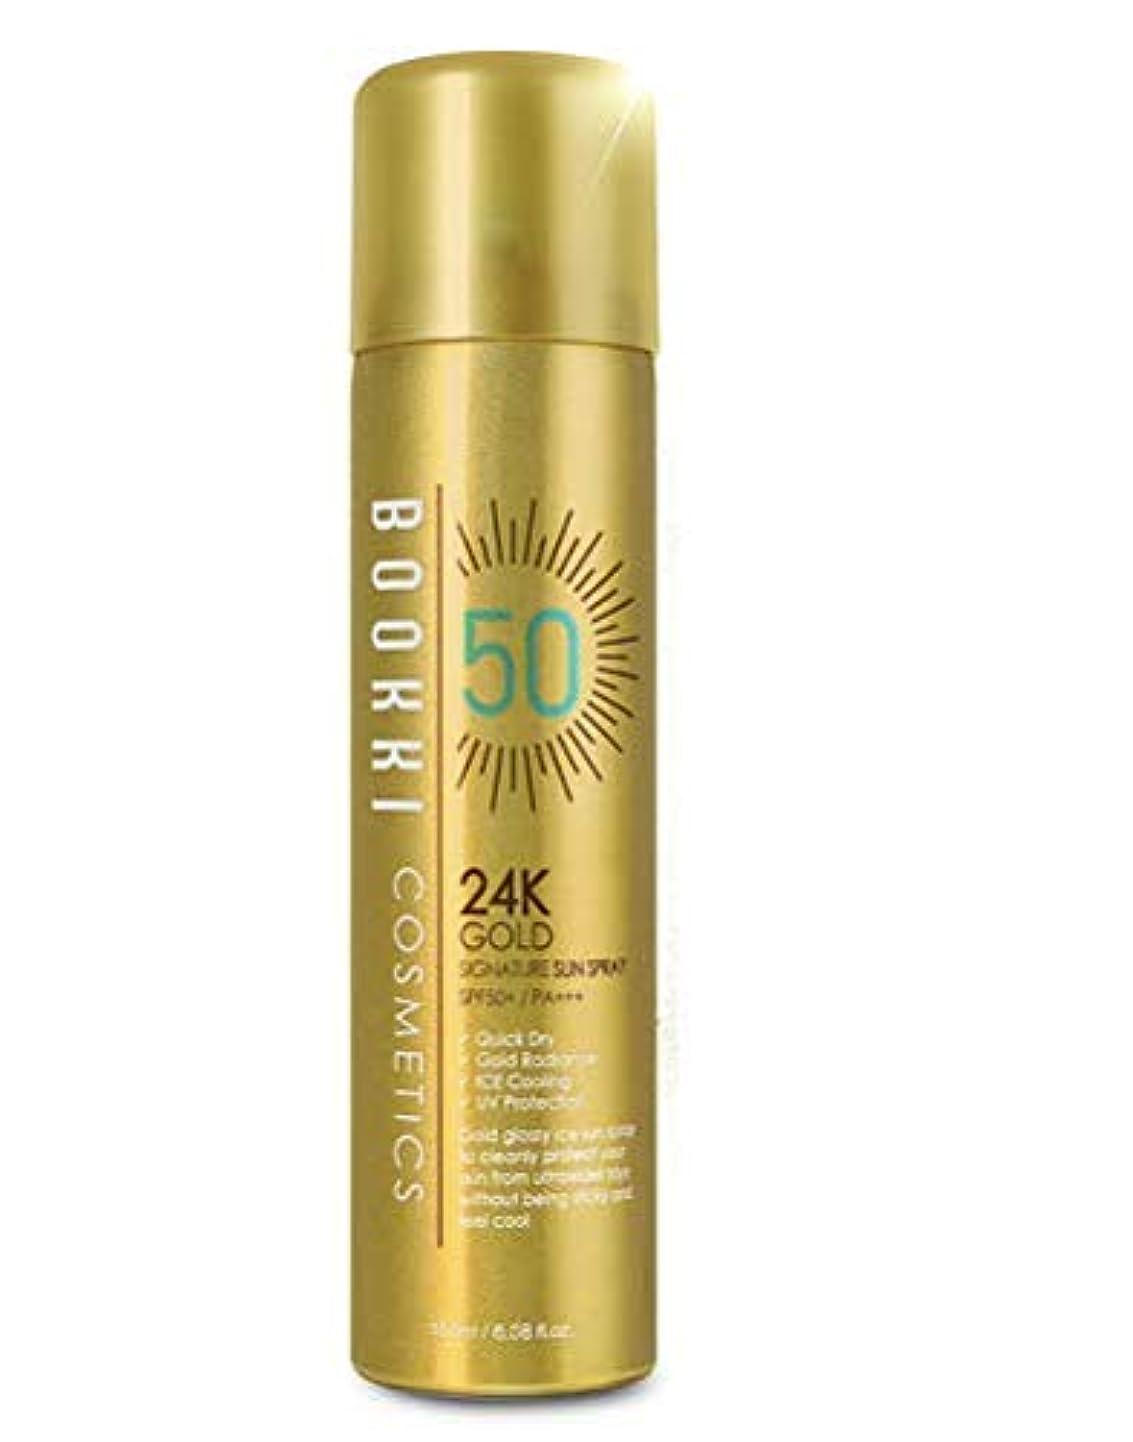 パラメータ鹿フェザー24Kゴールドシグネチャーサンスプレー(180ml) 美白 美容 美顔 シワ改善 紫外線カット 紫外線遮断 UVカット 日焼止め